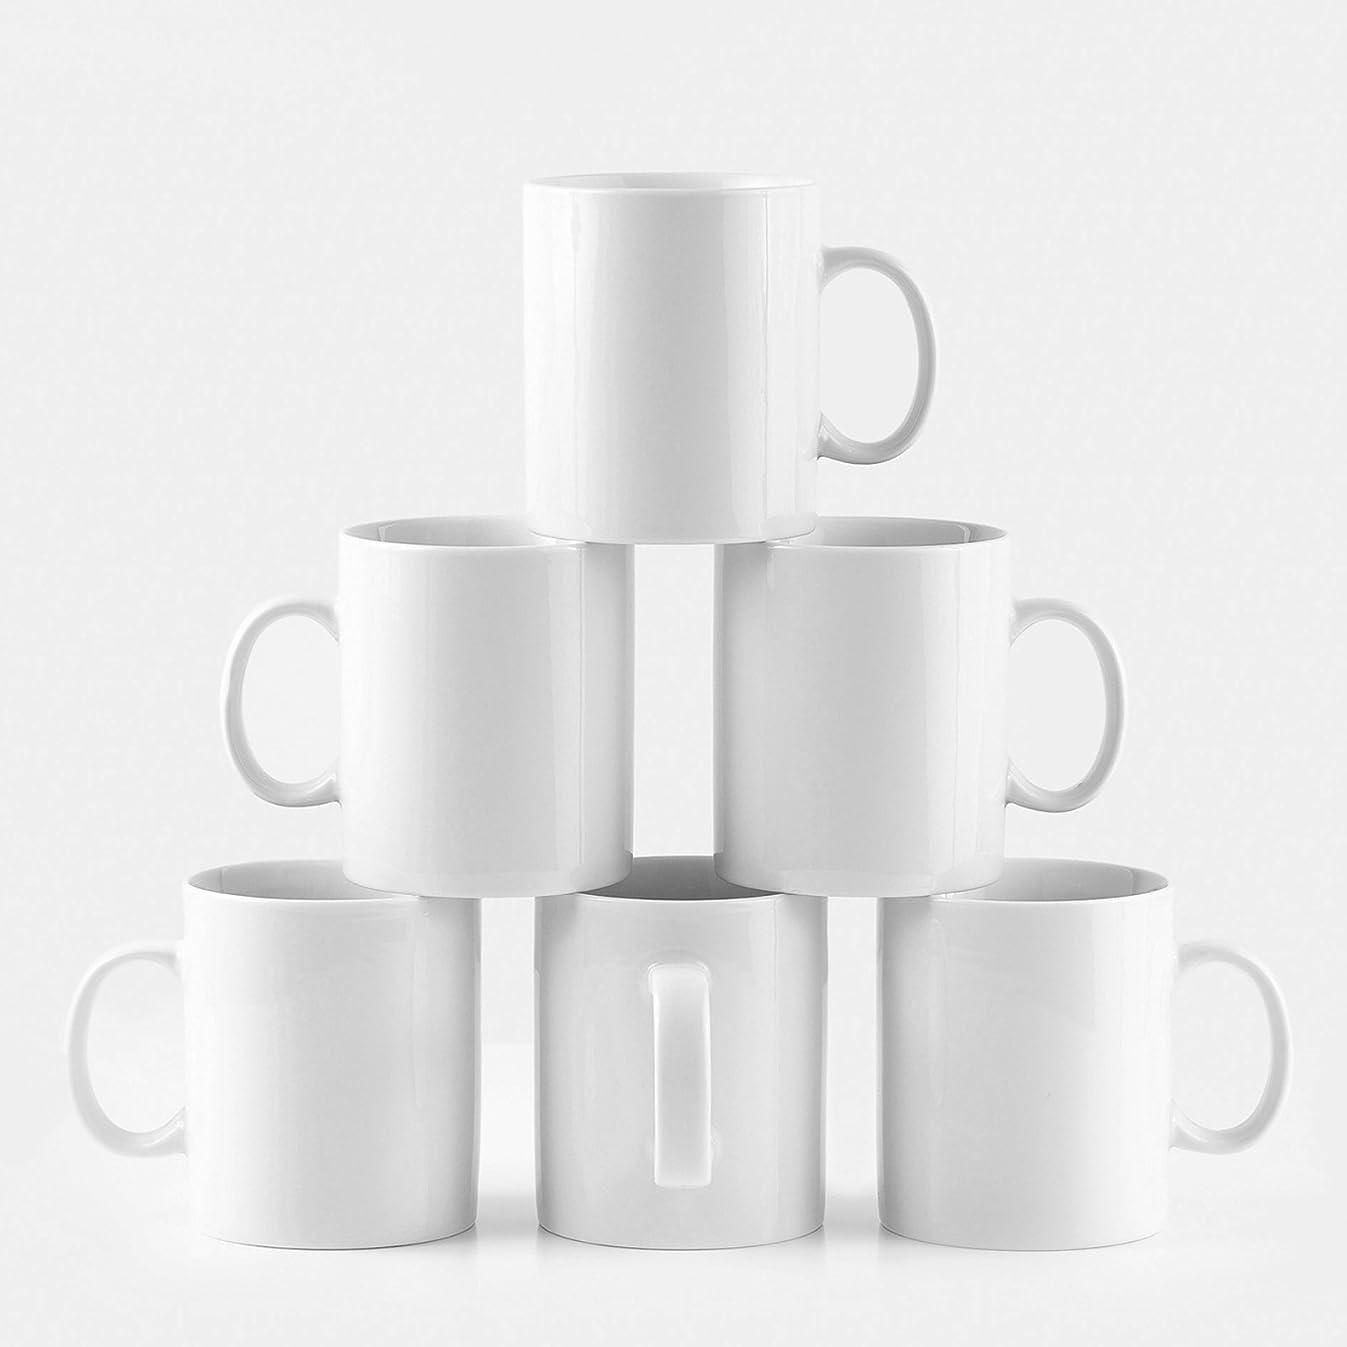 Amuse- Professional Barista Large Mug for Coffee, Tea, Chocolate or Latte- Set of 6- 15 ounce